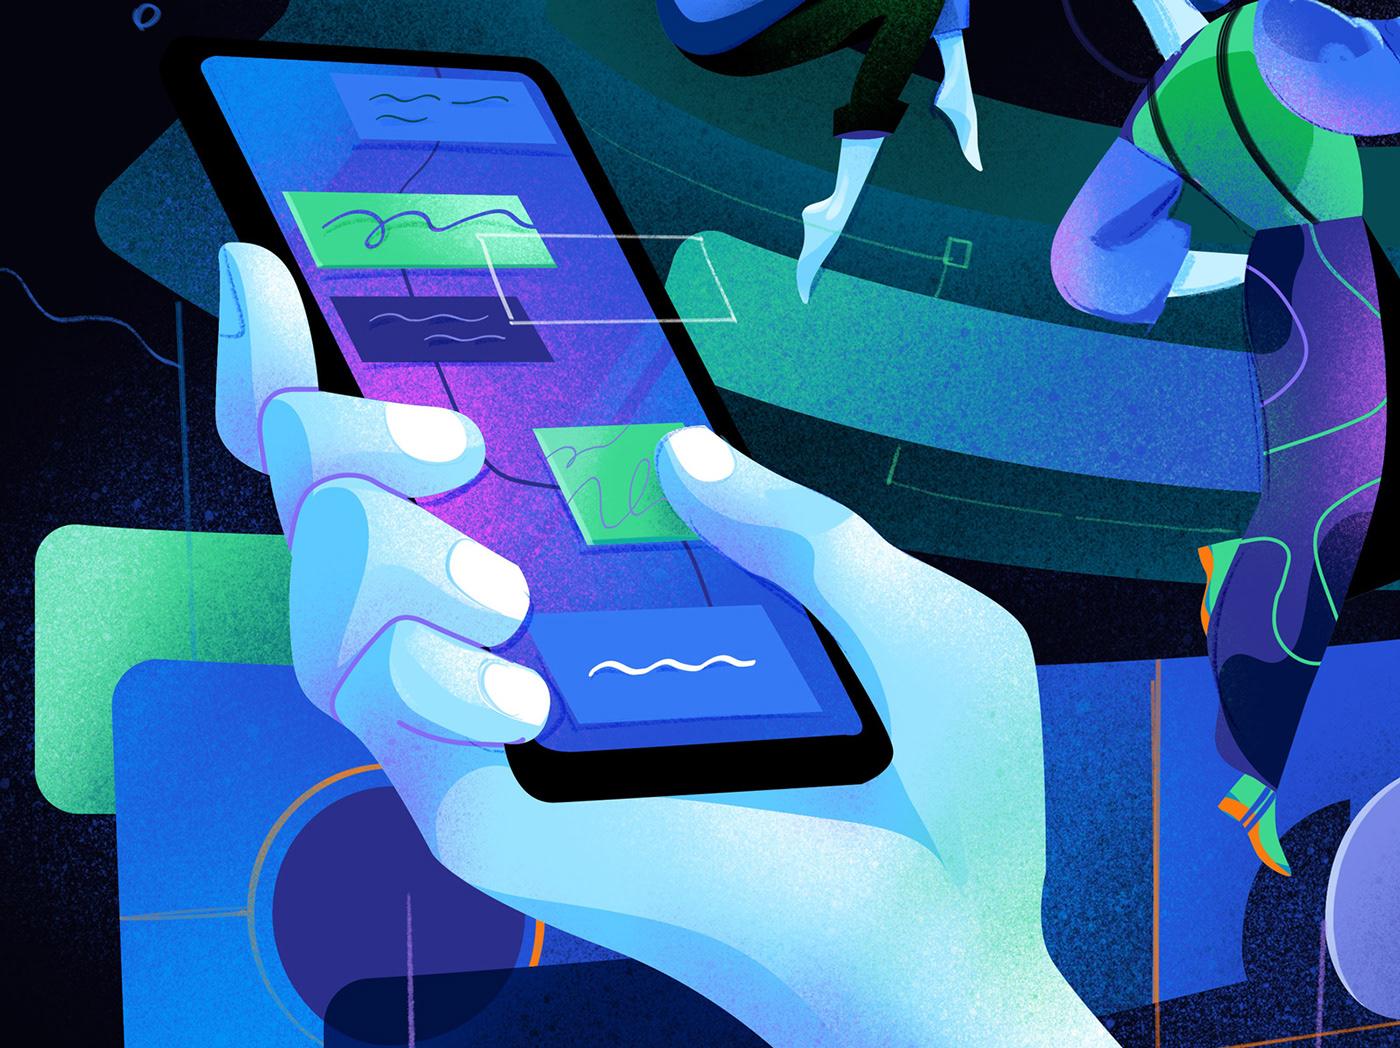 Digital Garden Smart Working Technology user interface